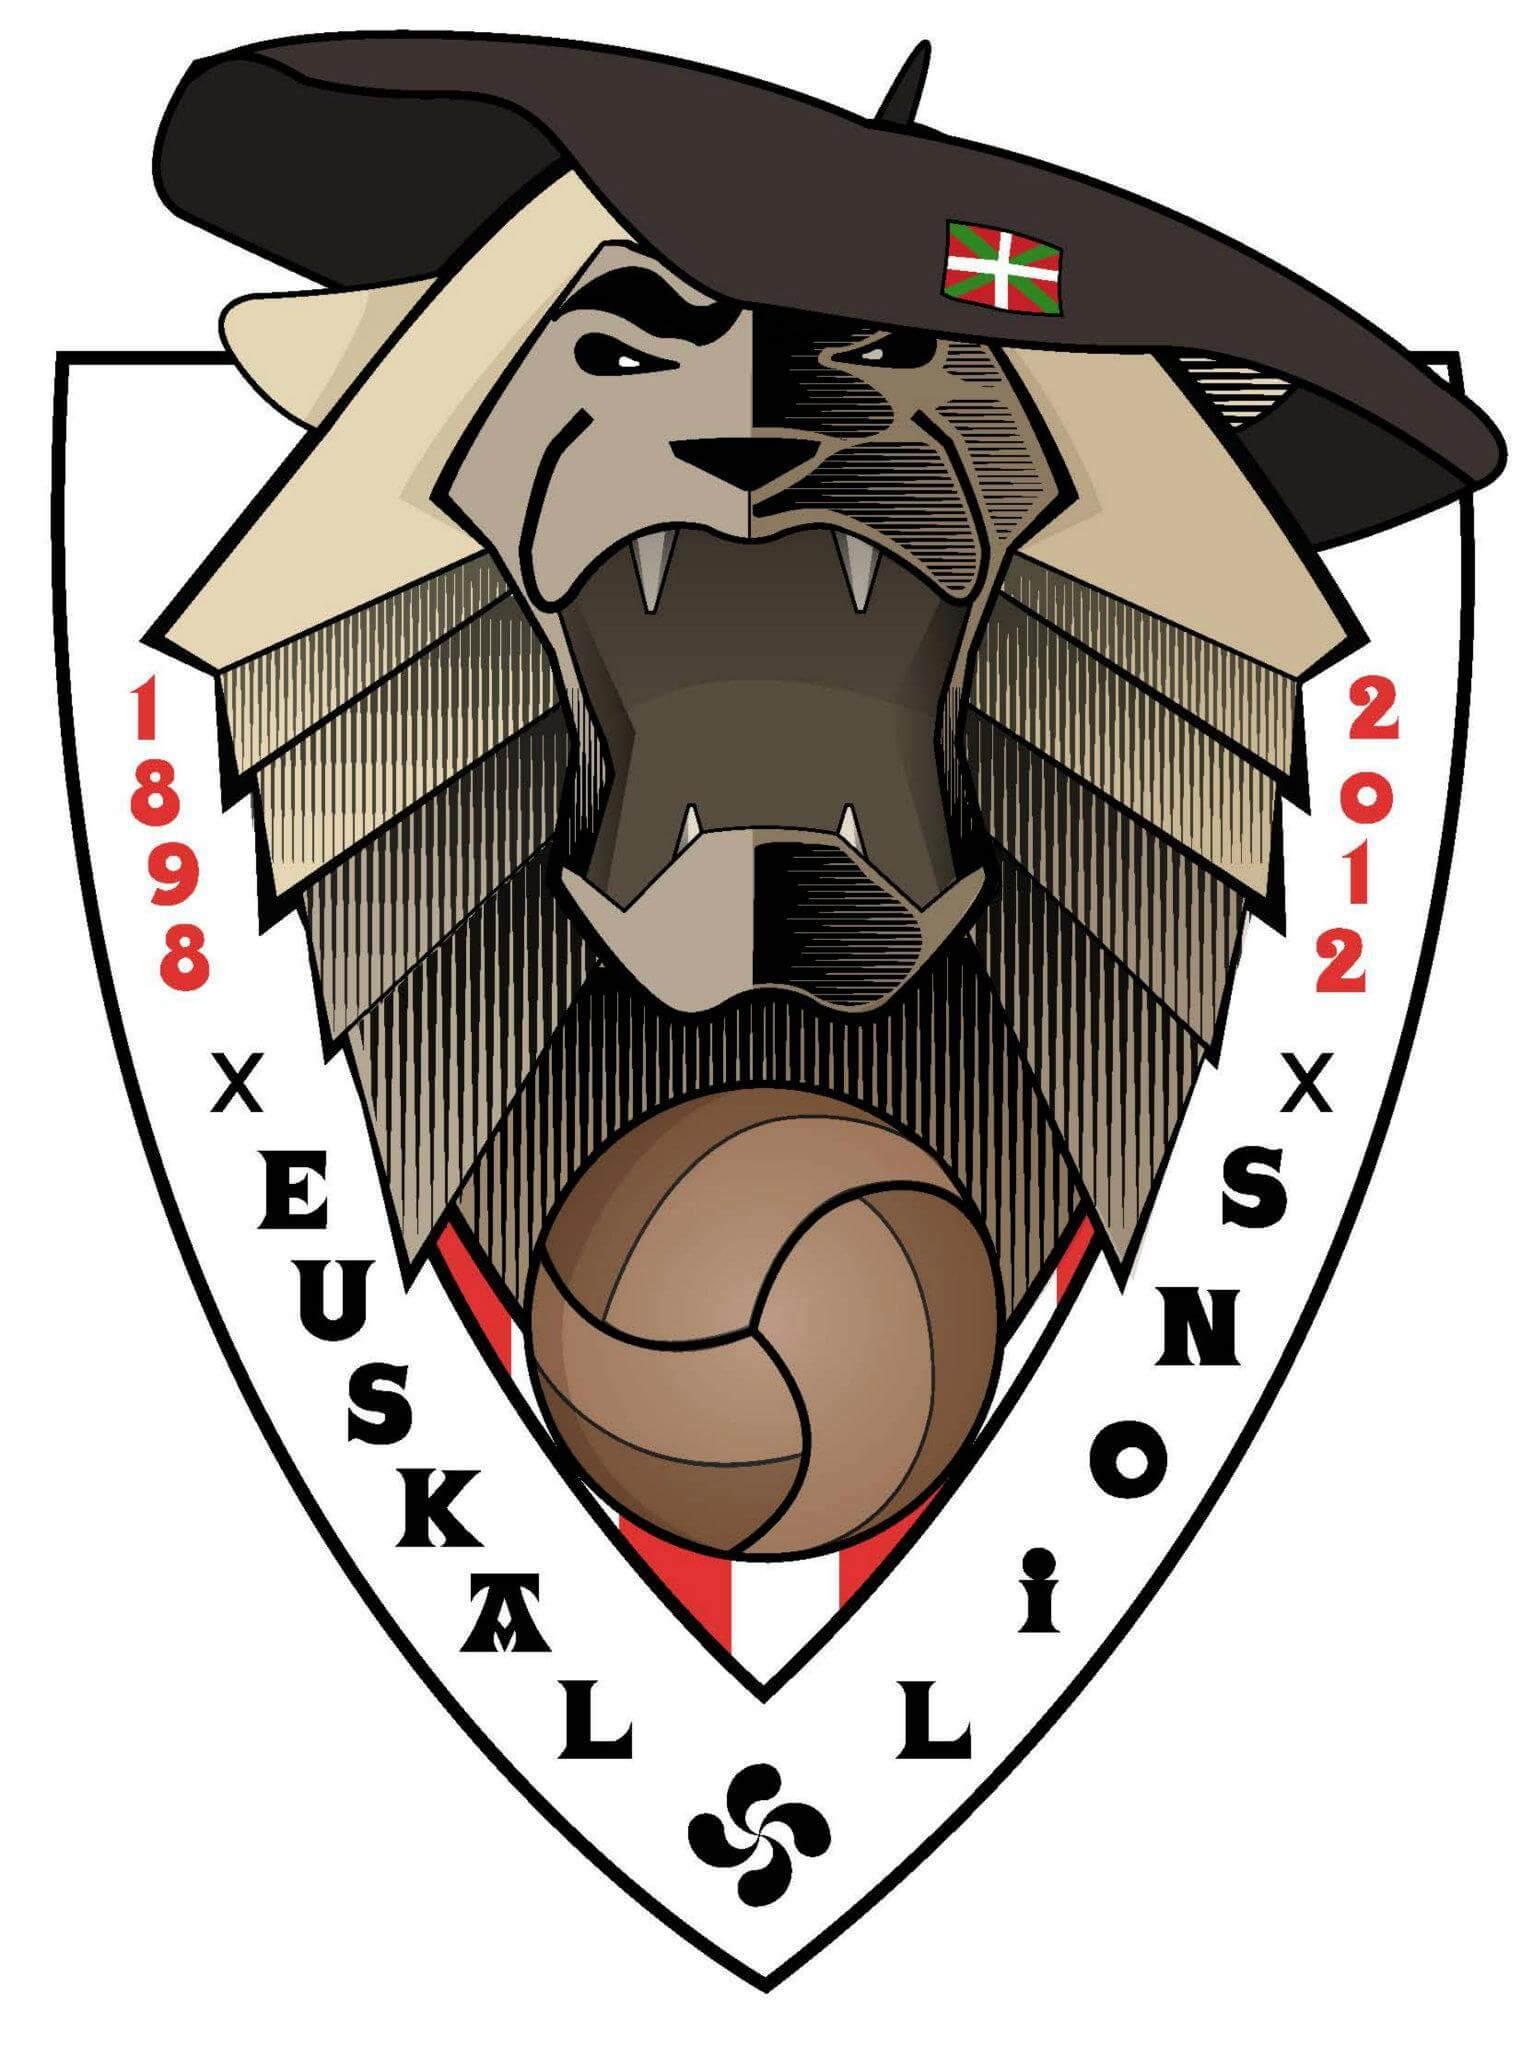 Escudo Euskal Lions